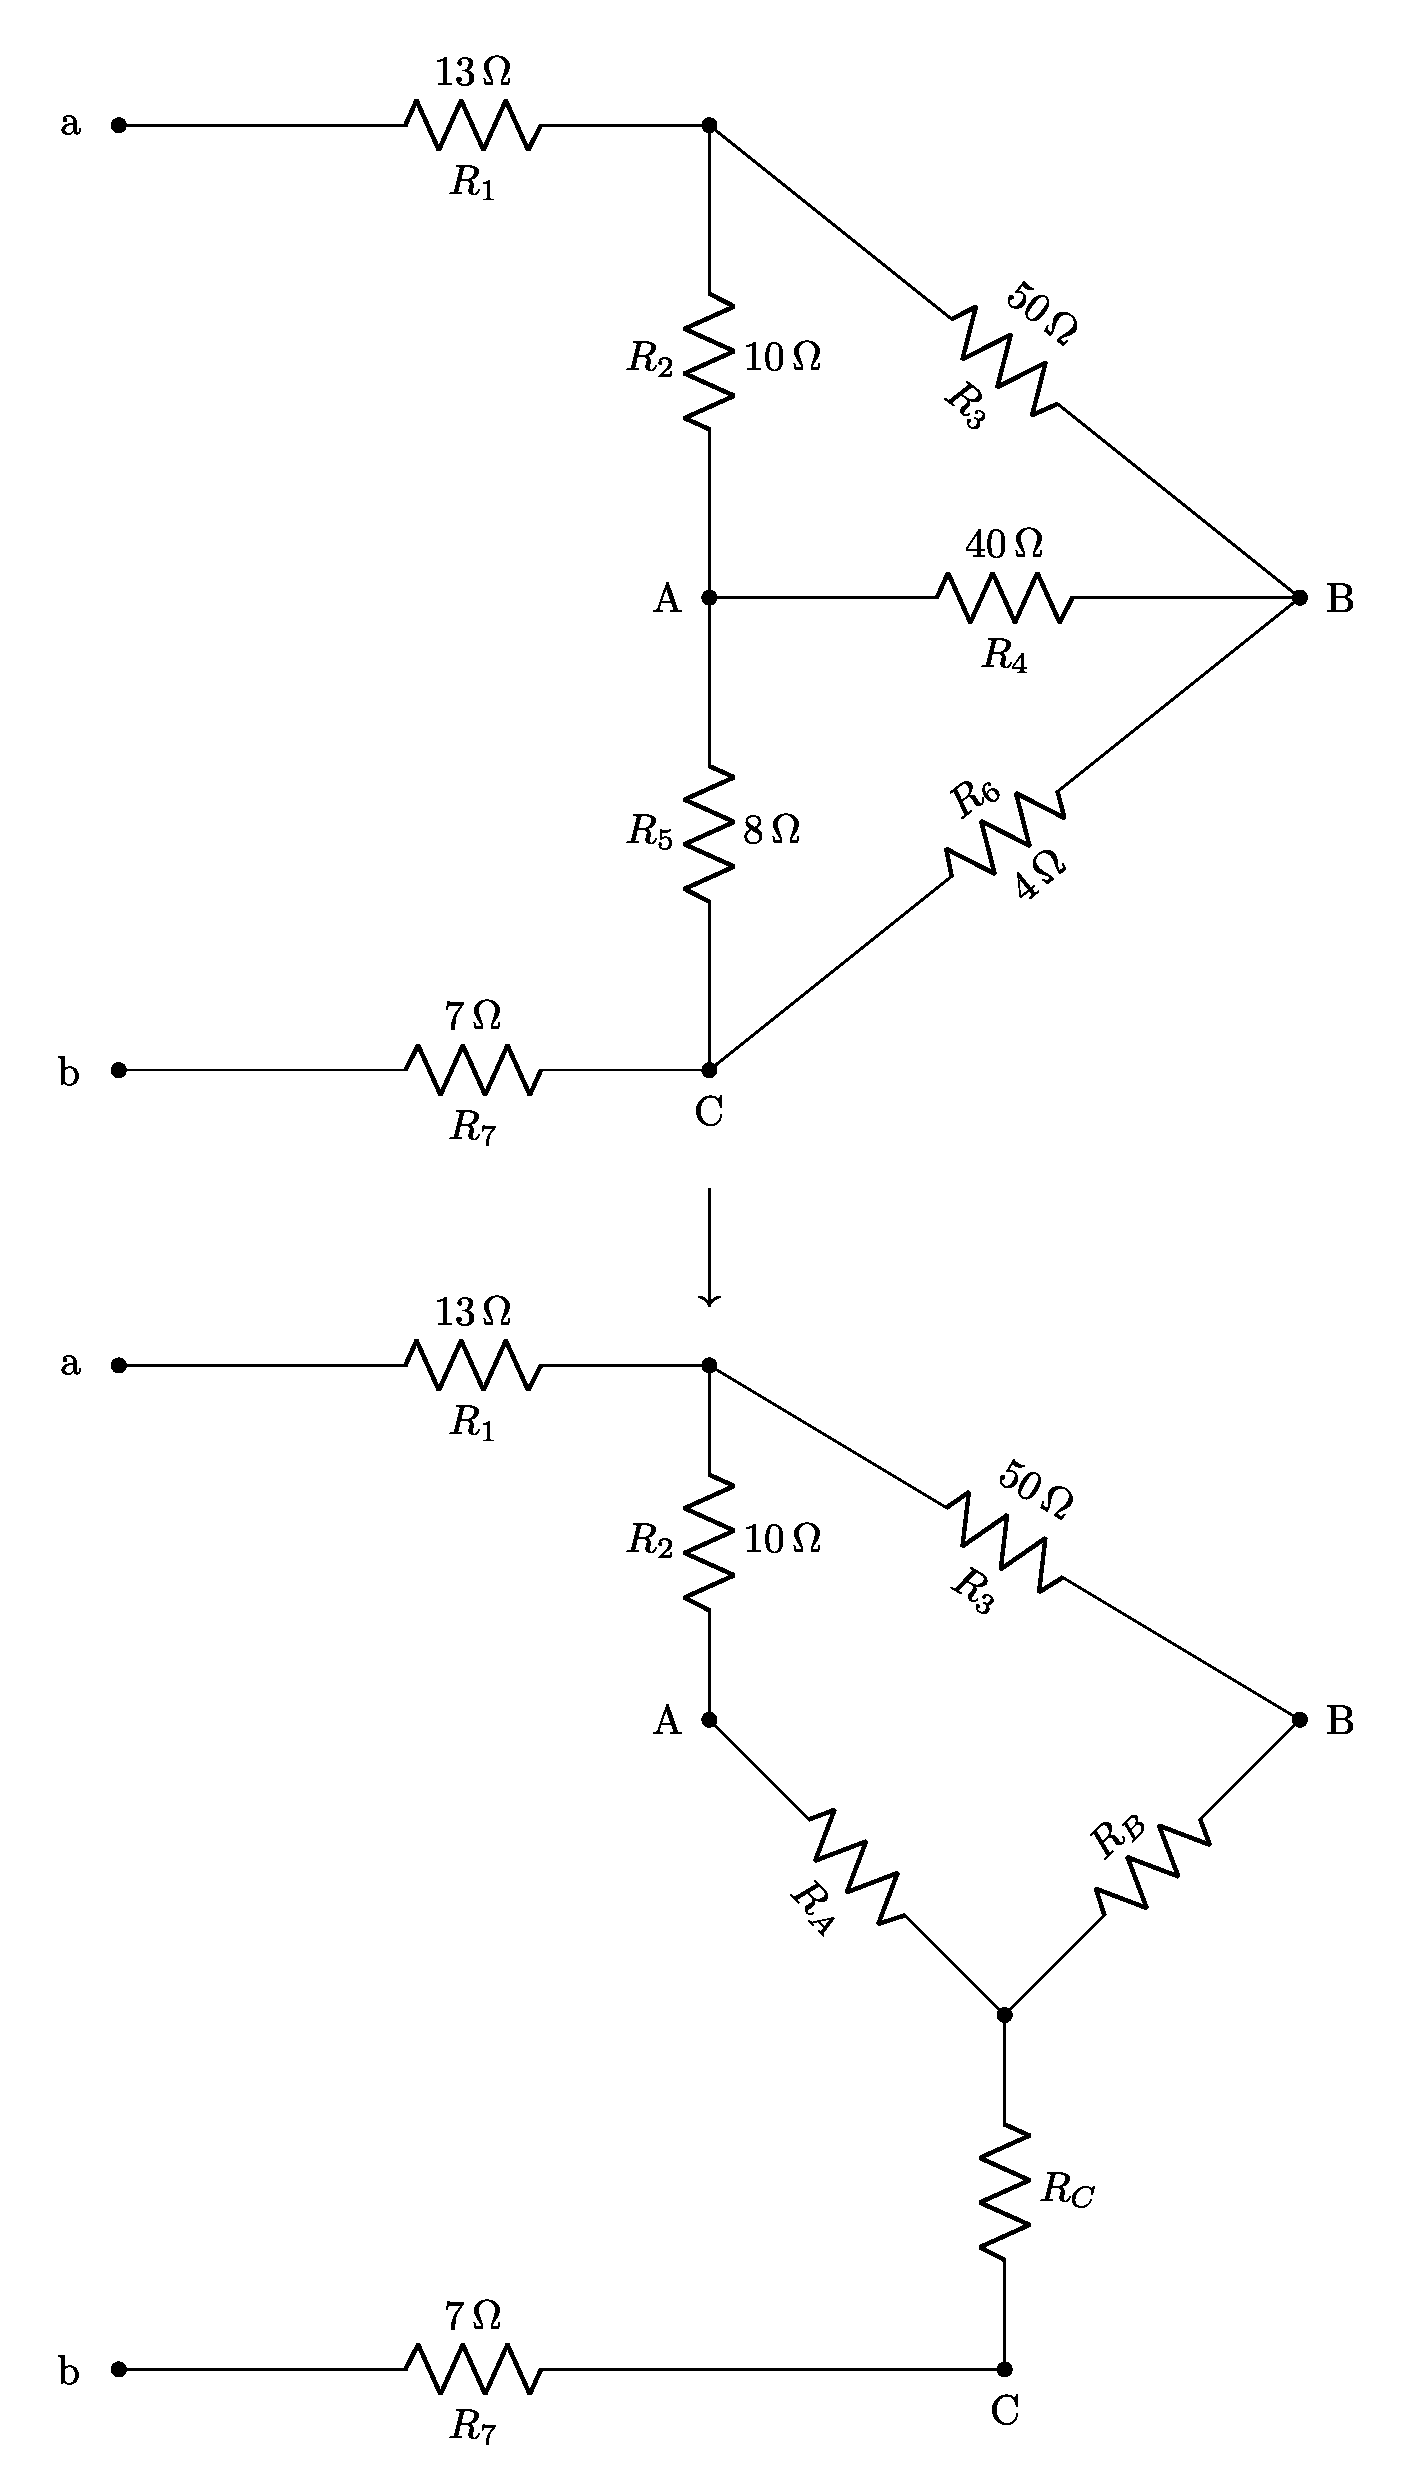 Esempio 2cc: come disegnarlo in TeX-LaTeX